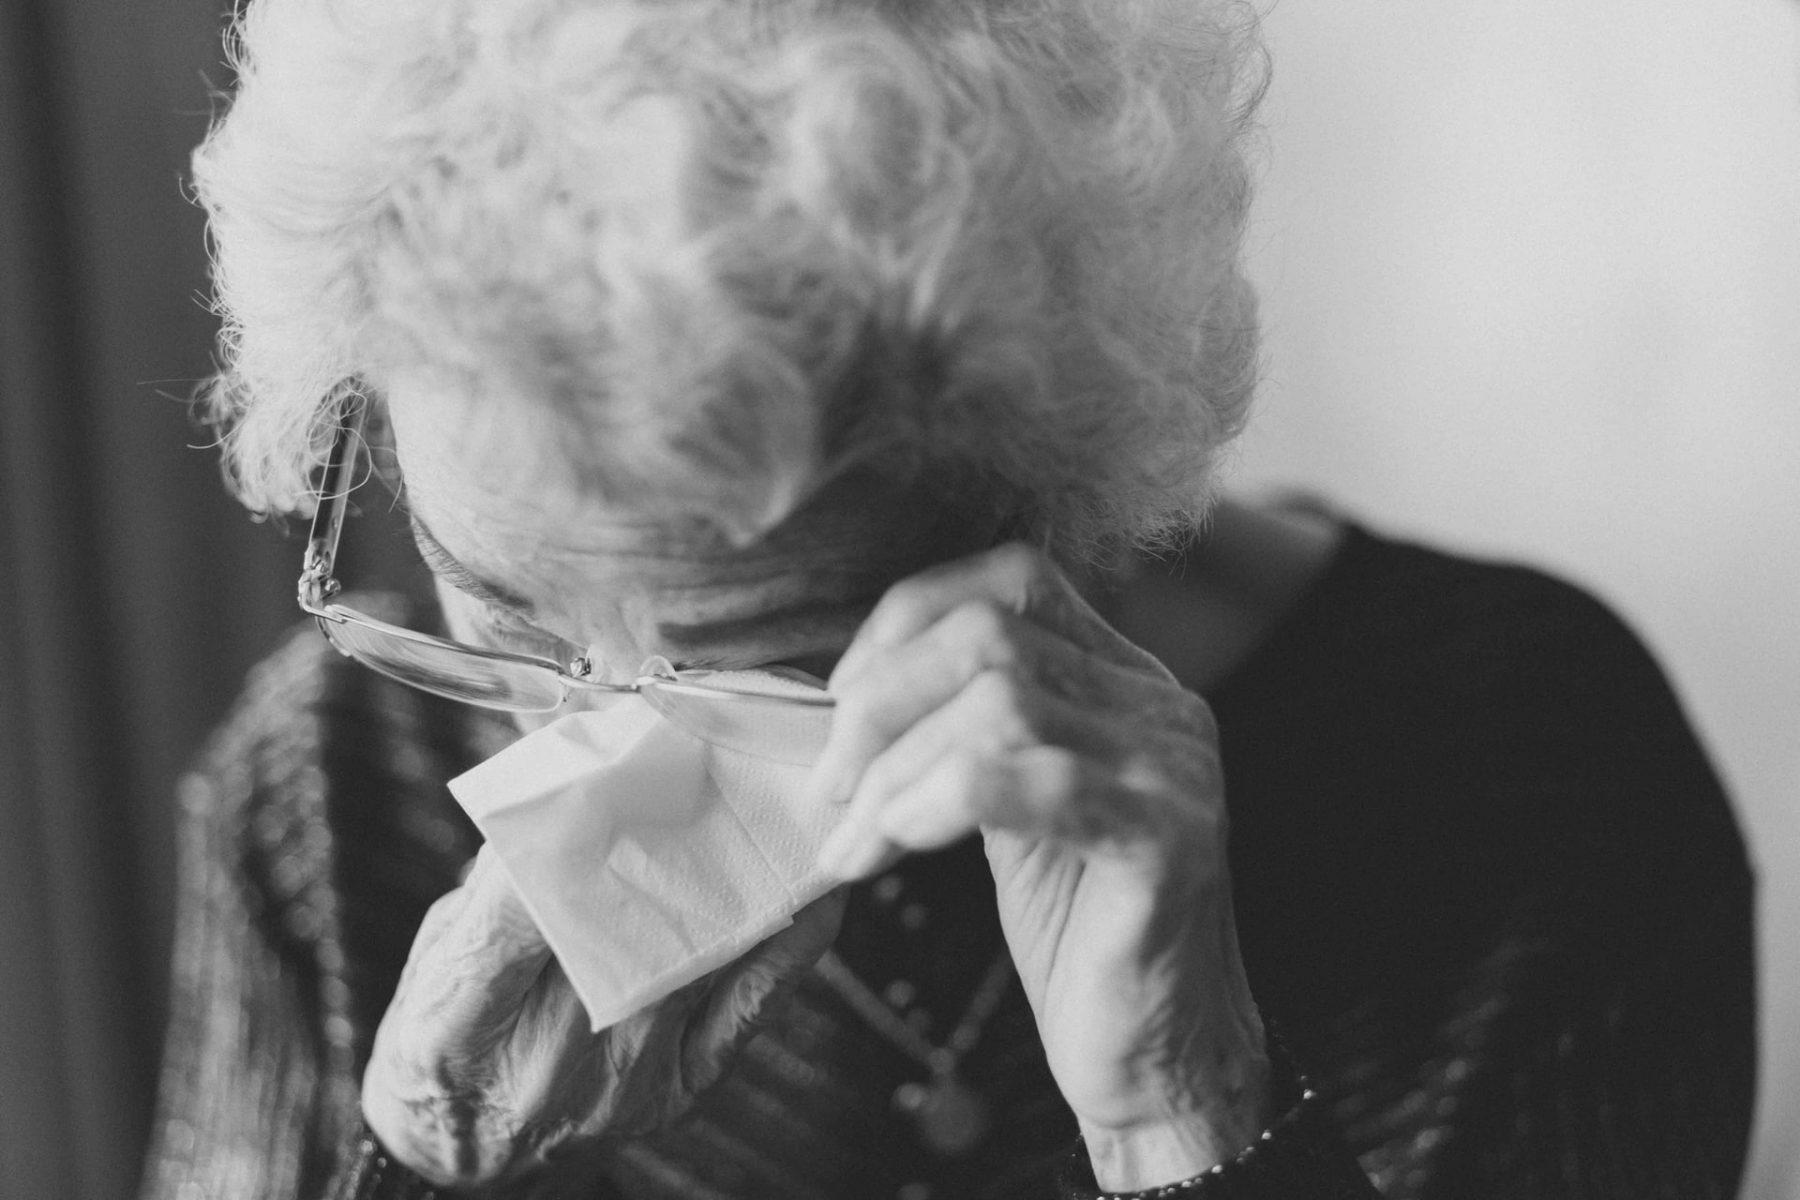 Σύνδρομο ραγισμένης καρδιάς: Μία πάθηση που χτυπά περισσότερο γυναίκες